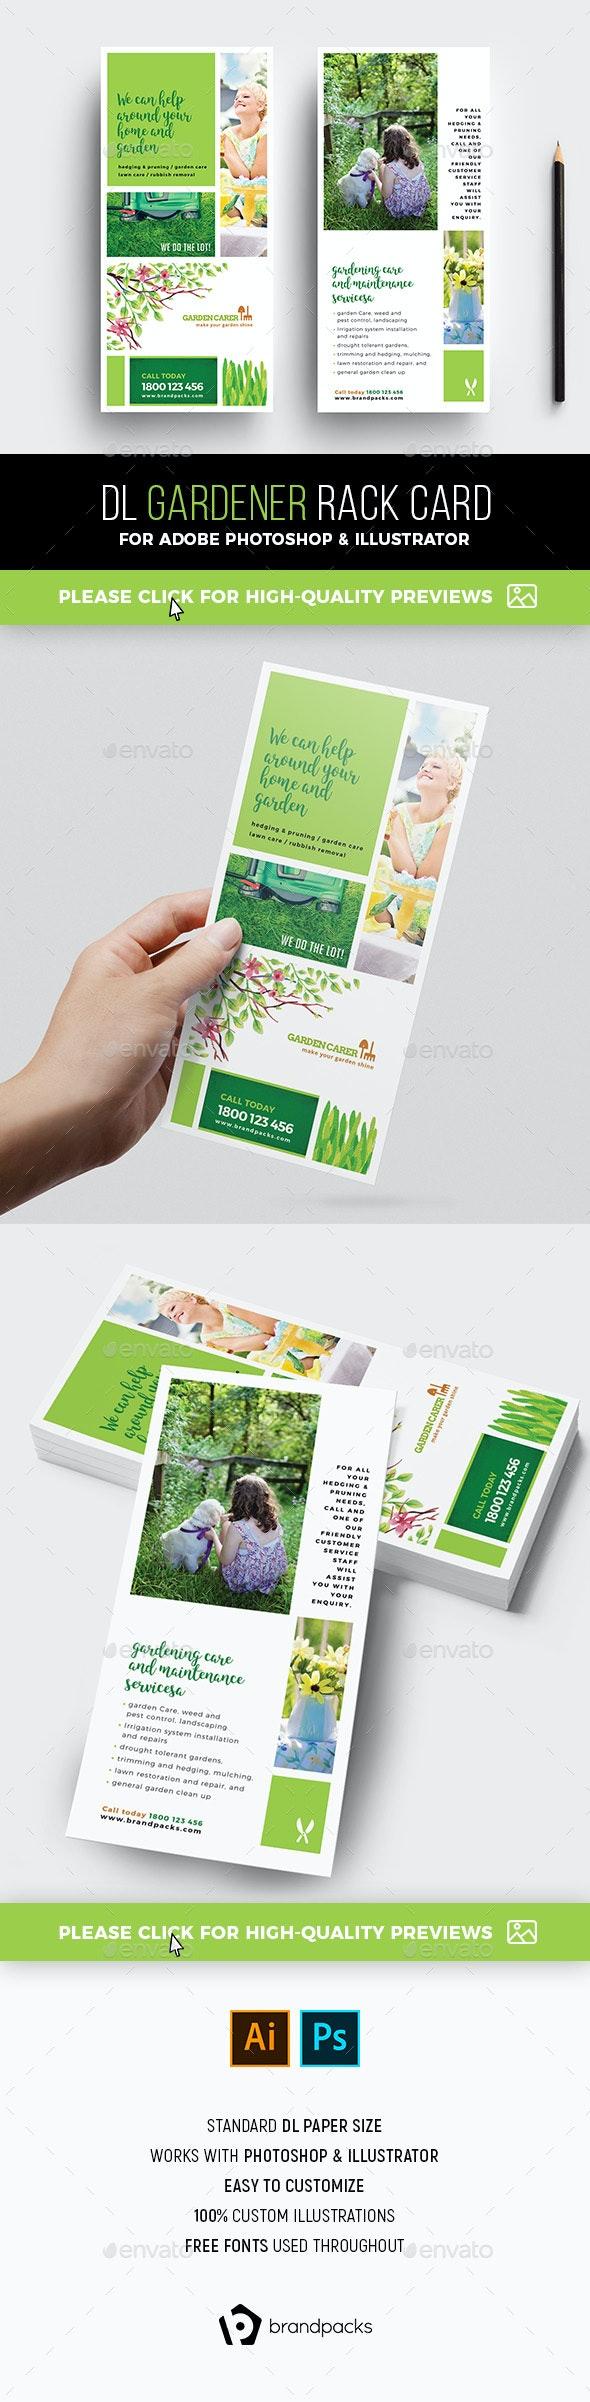 Gardener Rack Card Template - Corporate Flyers